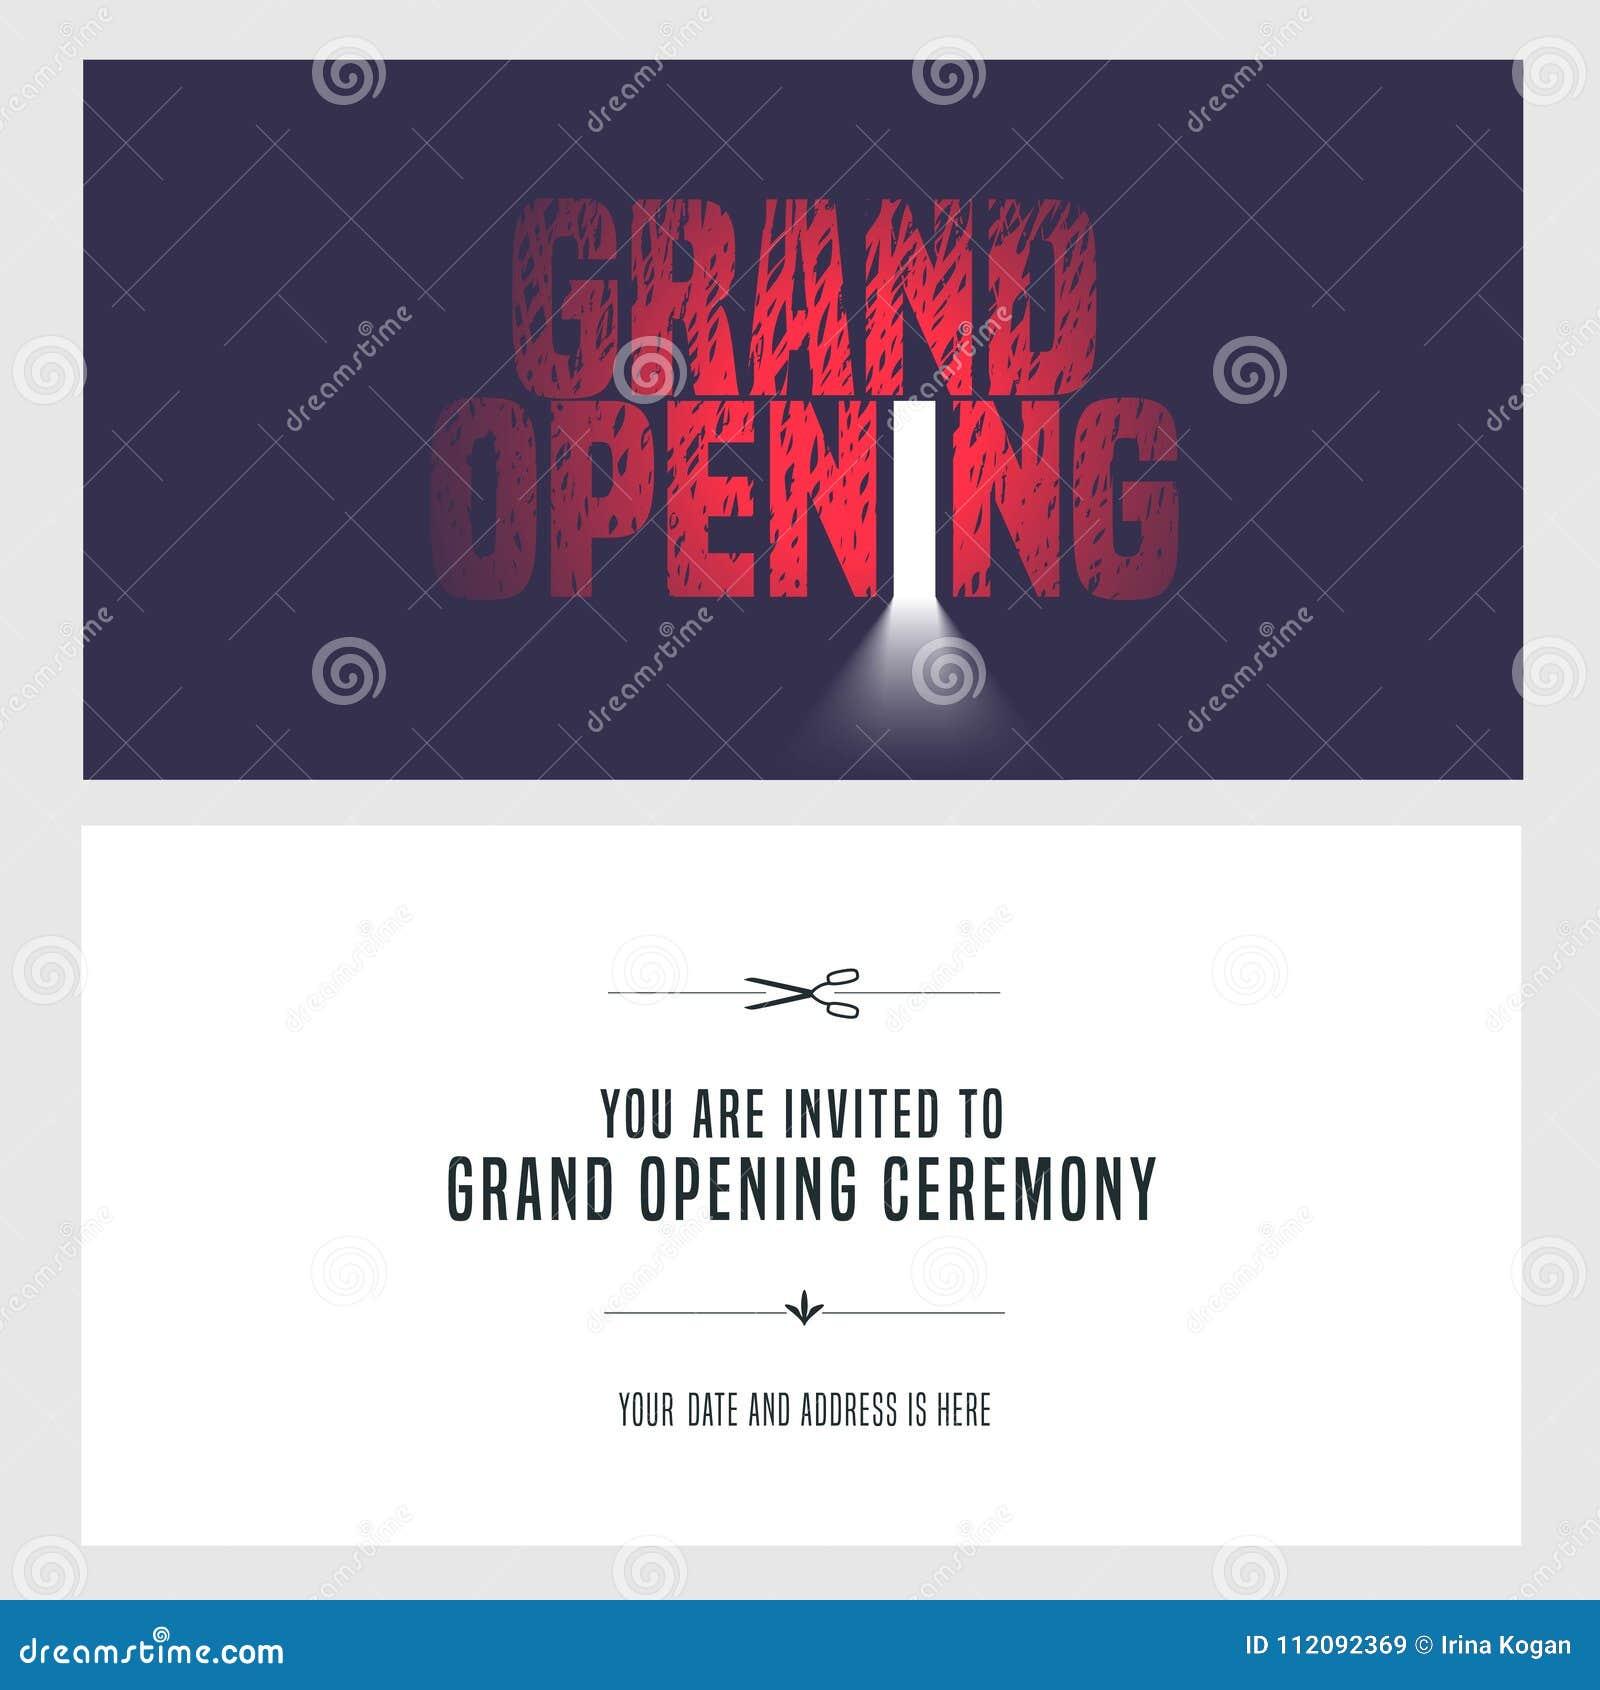 Grand Opening Vector Illustration Invitation Stock Vector